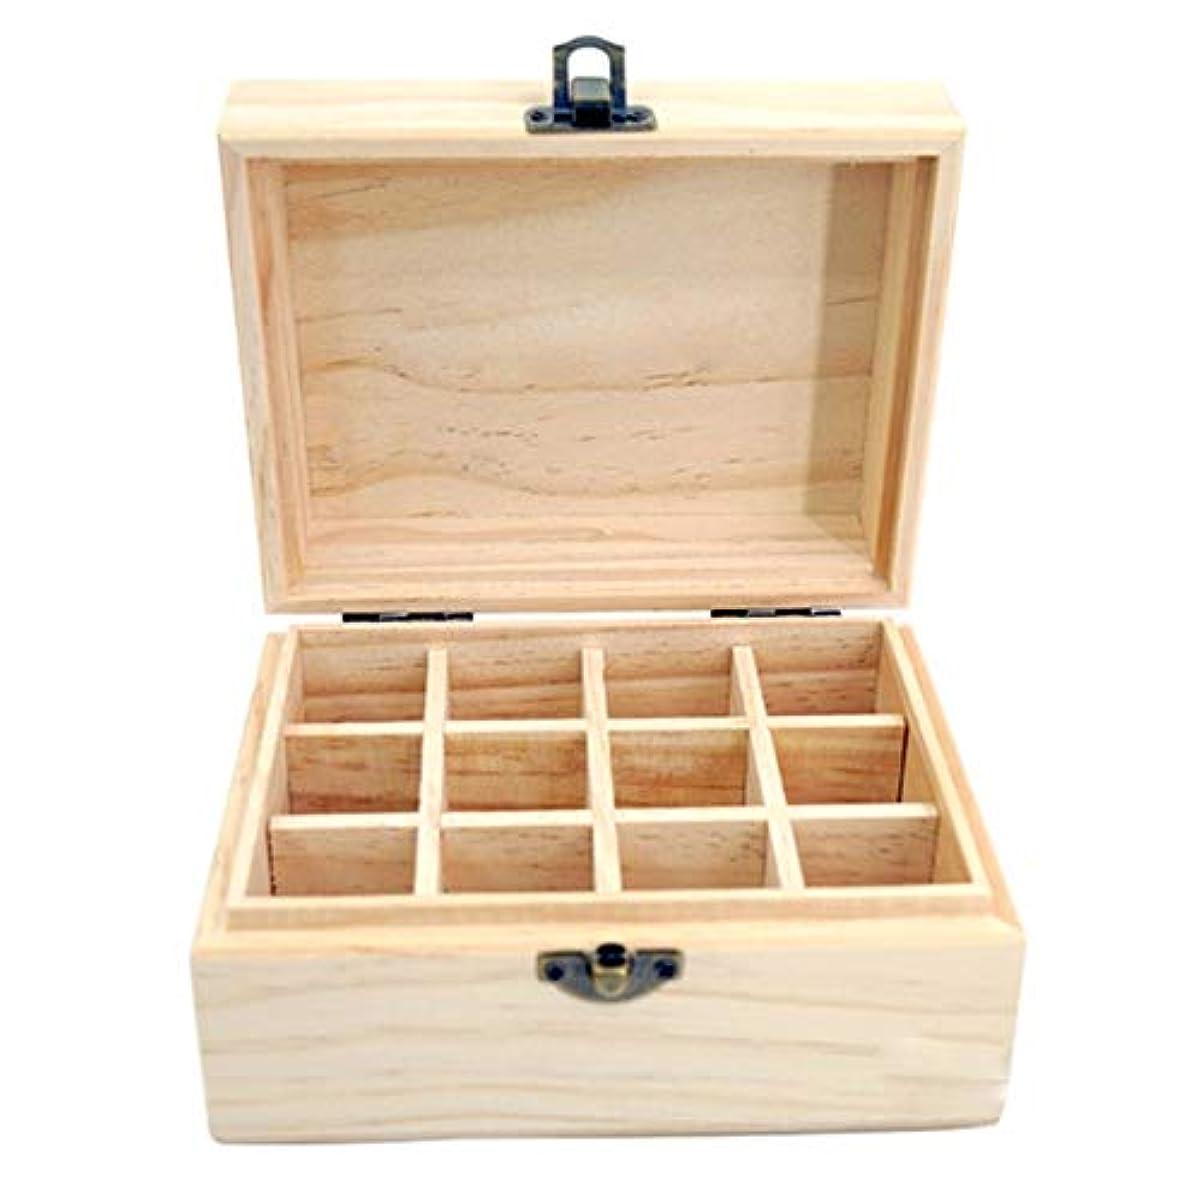 表面一月叙情的なエッセンシャルオイルボックス 12スロットは、あなたが油木製収納ボックスのオイルのセキュリティを保護することができます アロマセラピー収納ボックス (色 : Natural, サイズ : 15X11.5X8CM)